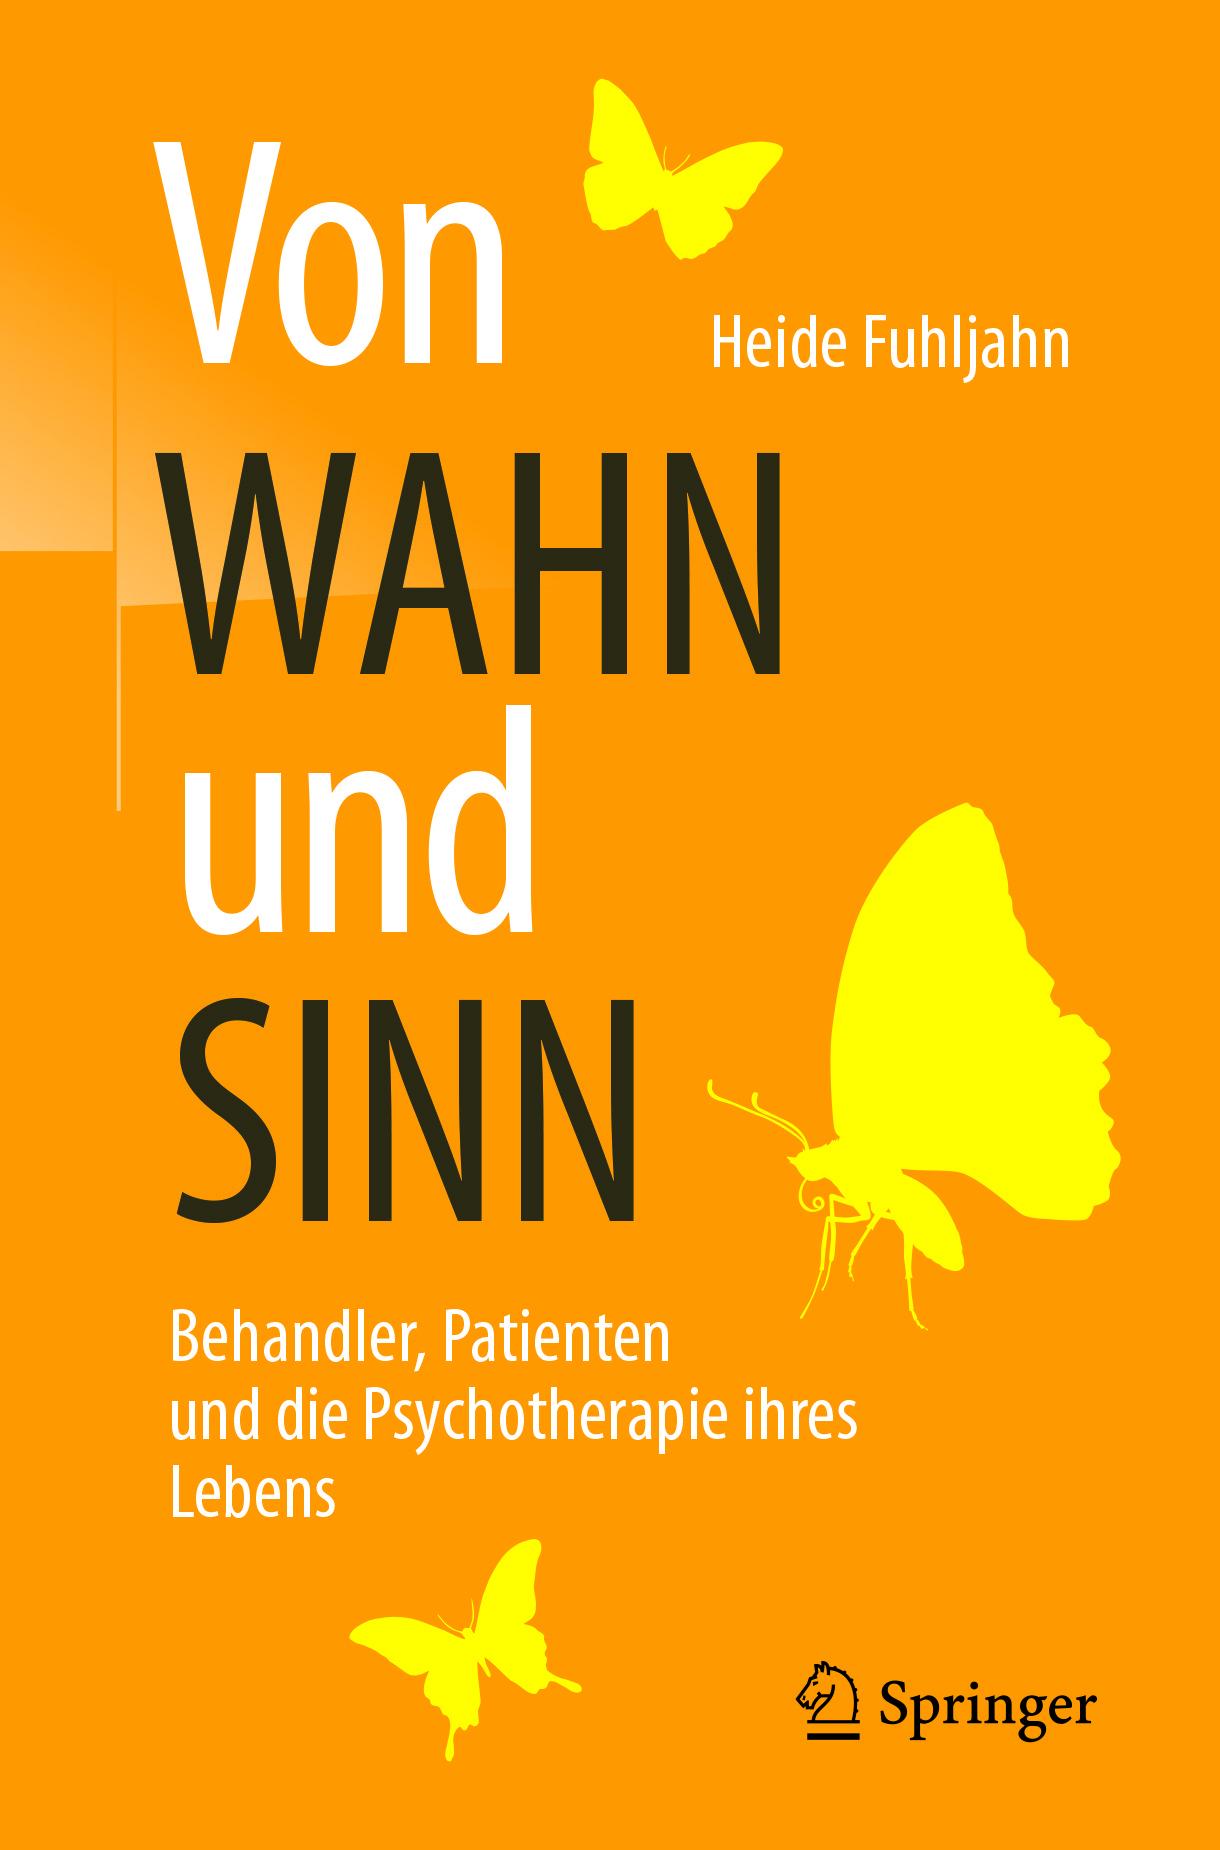 Fuhljahn, Heide - Von WAHN und SINN - Behandler, Patienten und die Psychotherapie ihres Lebens, ebook